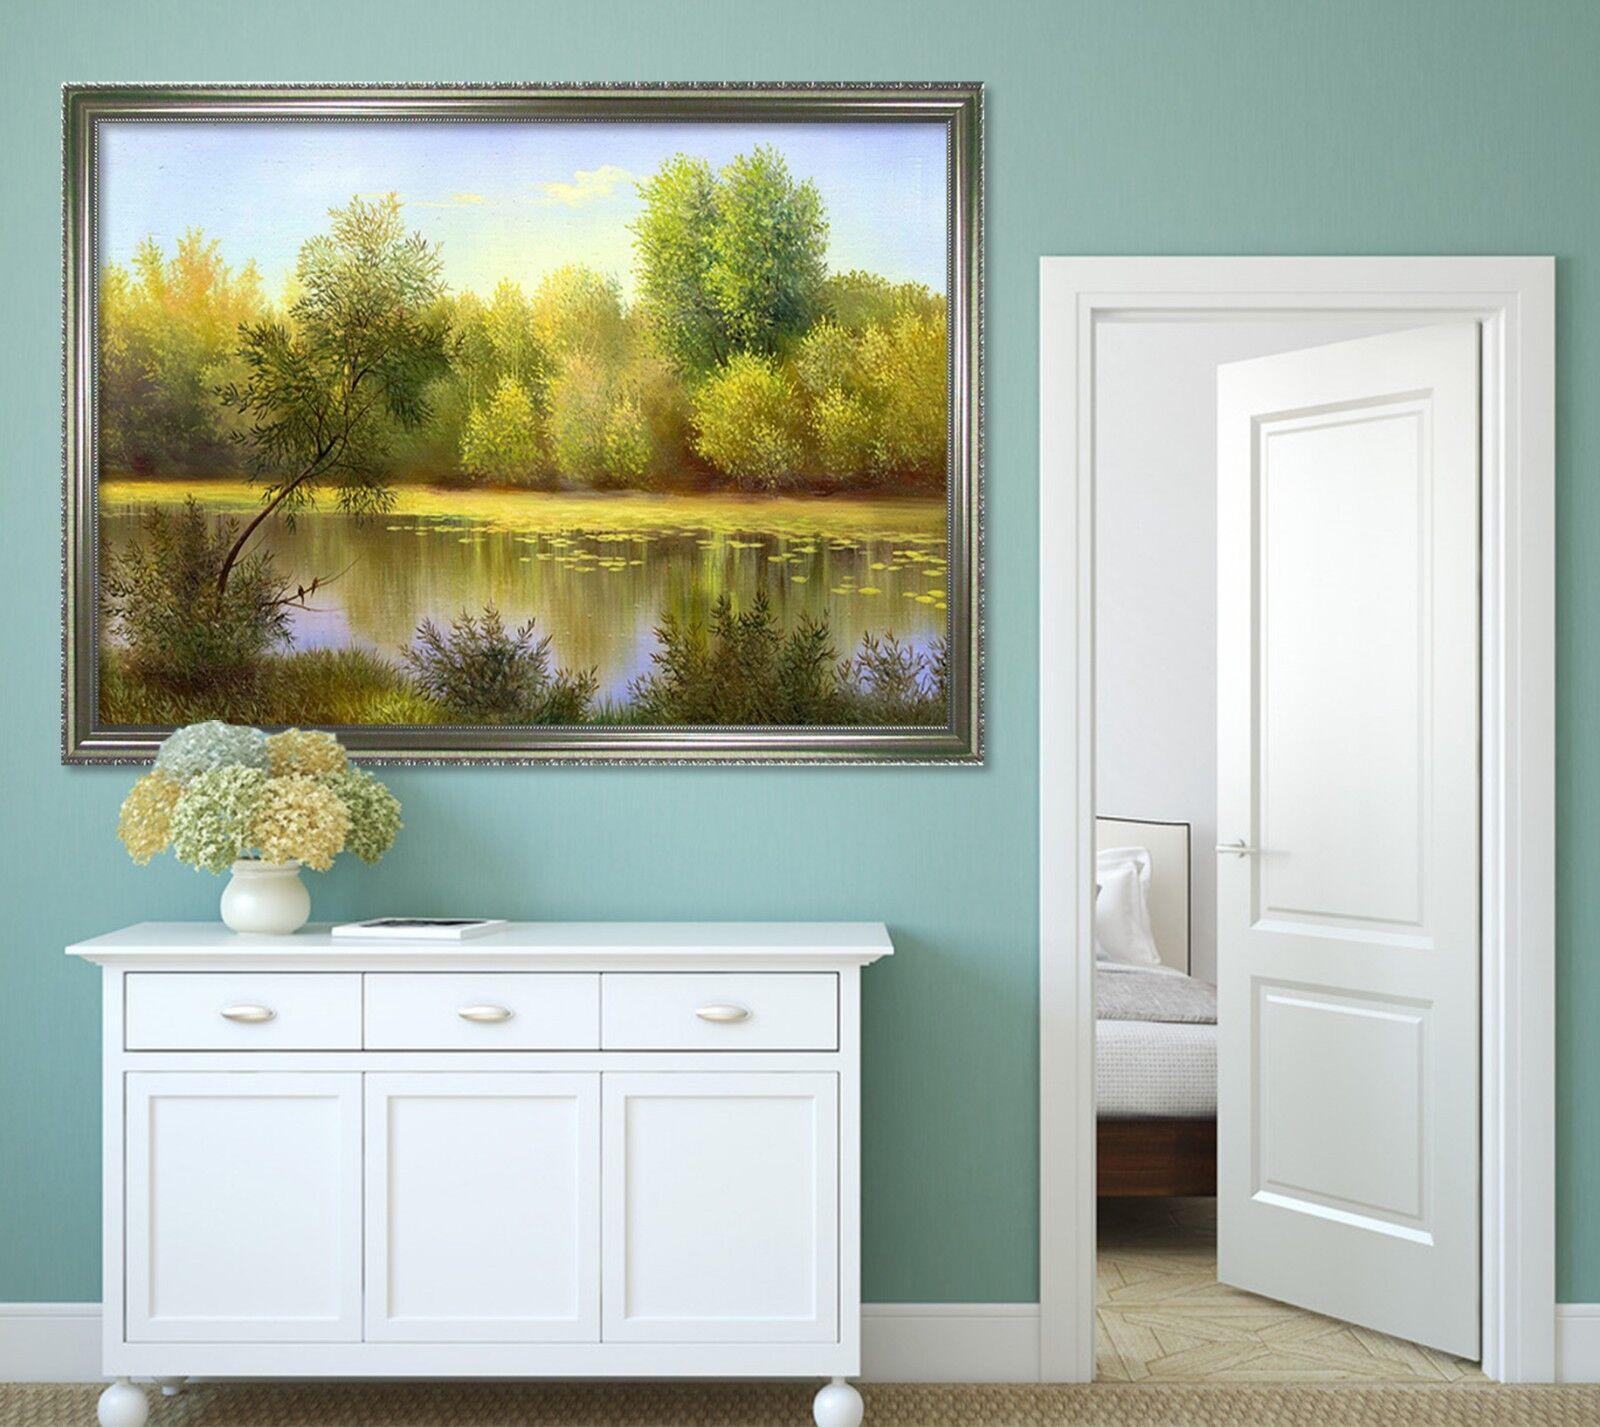 3D Tropical Jungle Lake 2 Framed Poster Home Decor Drucken Painting Kunst WandPapier